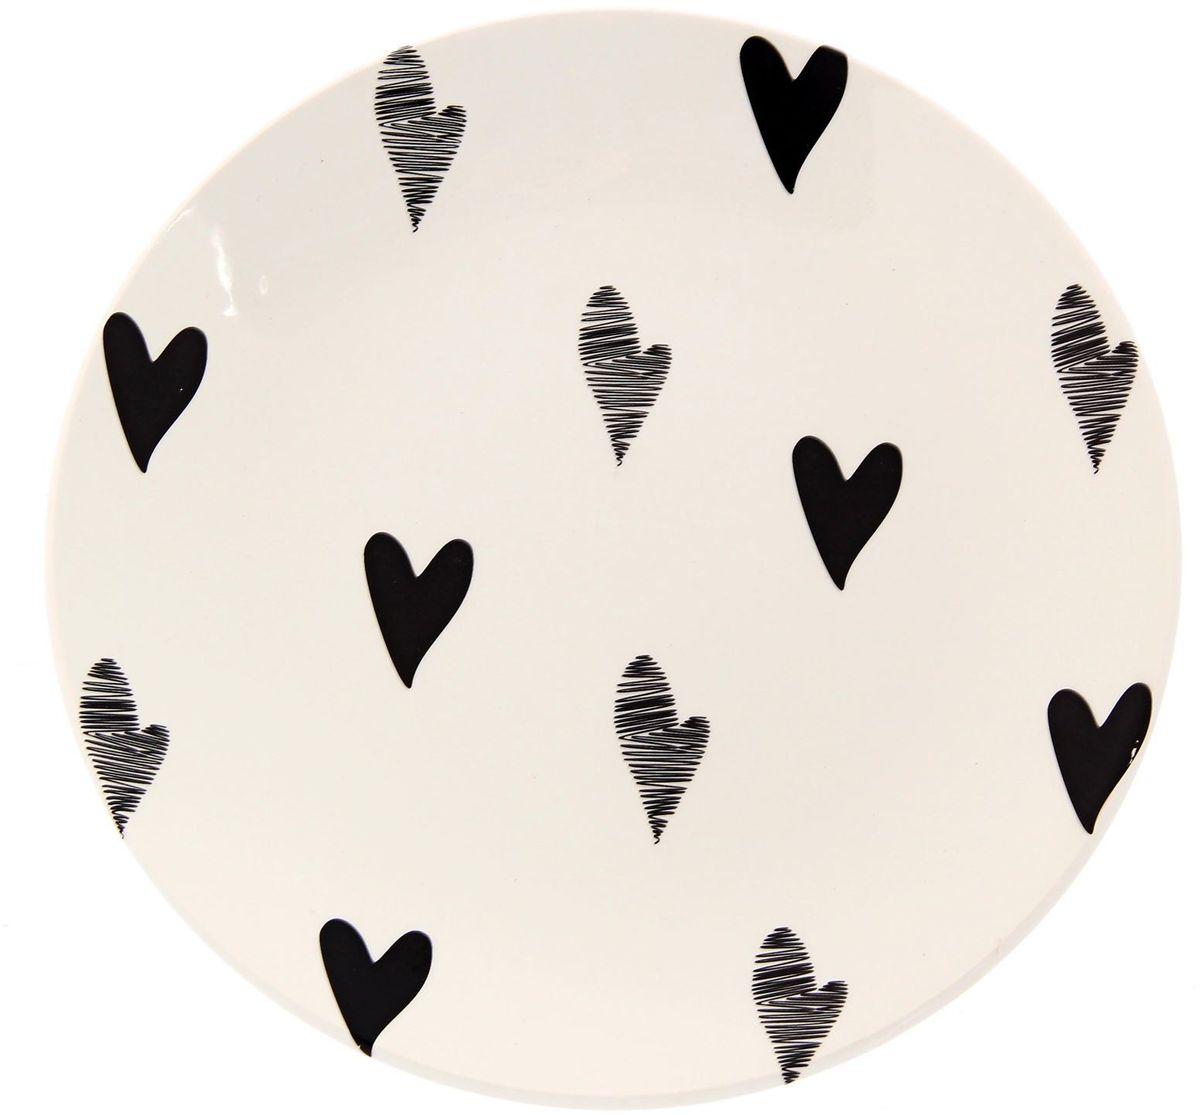 Тарелка Сотвори чудо Маленькое сердце, диаметр 22 смFS-91909Хотите обновить интерьер кухни или гостиной? Устраиваете необычную фотосессию или тематический праздник? А может, просто ищете подарок для близкого человека? Посуда Сотвори Чудо — правильный выбор в любой ситуации. Тарелка Сотвори Чудо, изготовленная из изящного фаянса нежного сливочного цвета, оформлена оригинальным рисунком со стойкой краской. Пригодна для посудомоечной машины.